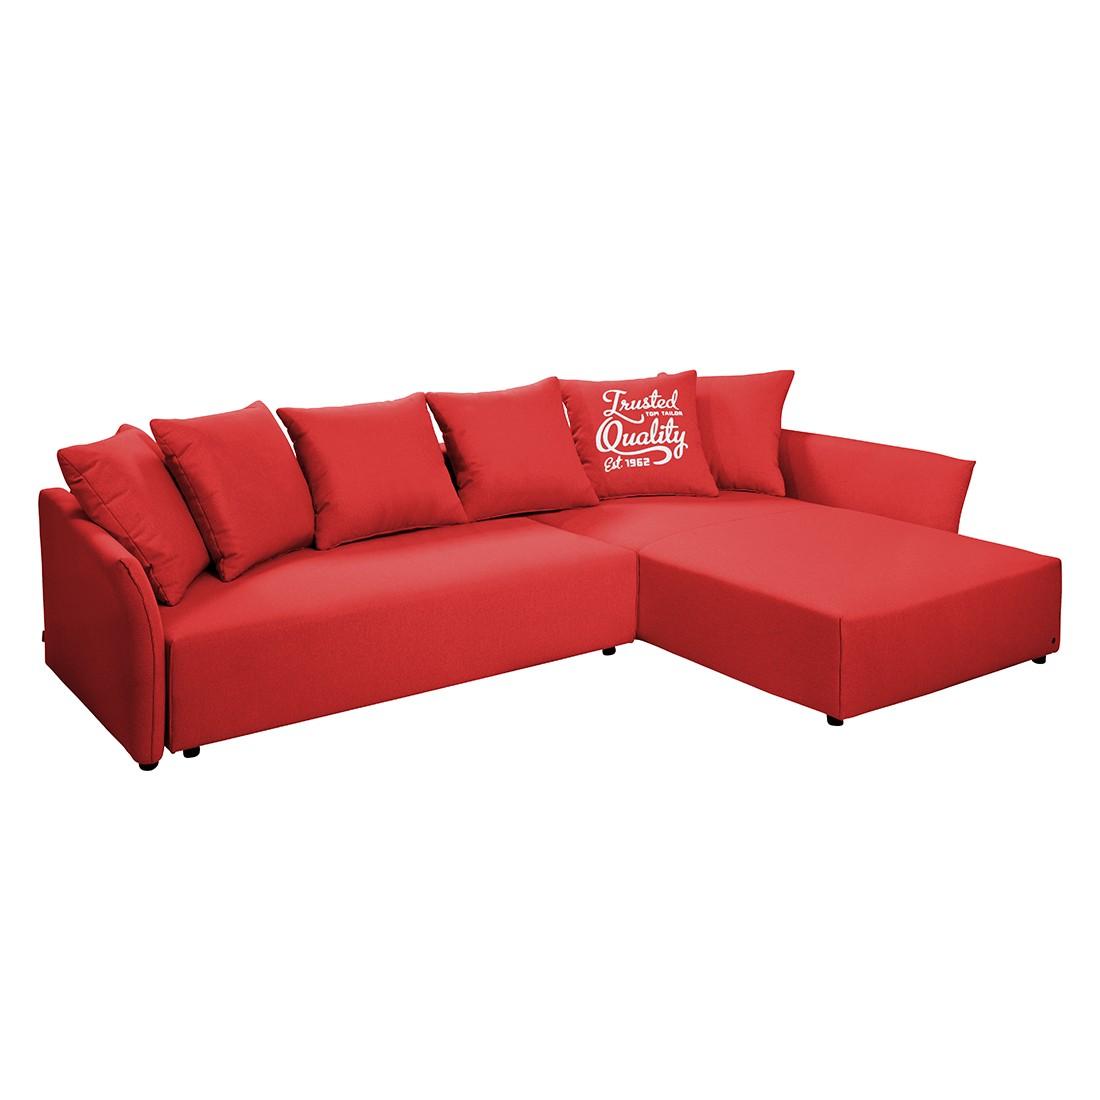 goedkoop Hoekbank Wings Casual met slaapfunctie structuurstof longchair vooraanzicht rechts Rood 6 kussen Tom Tailor